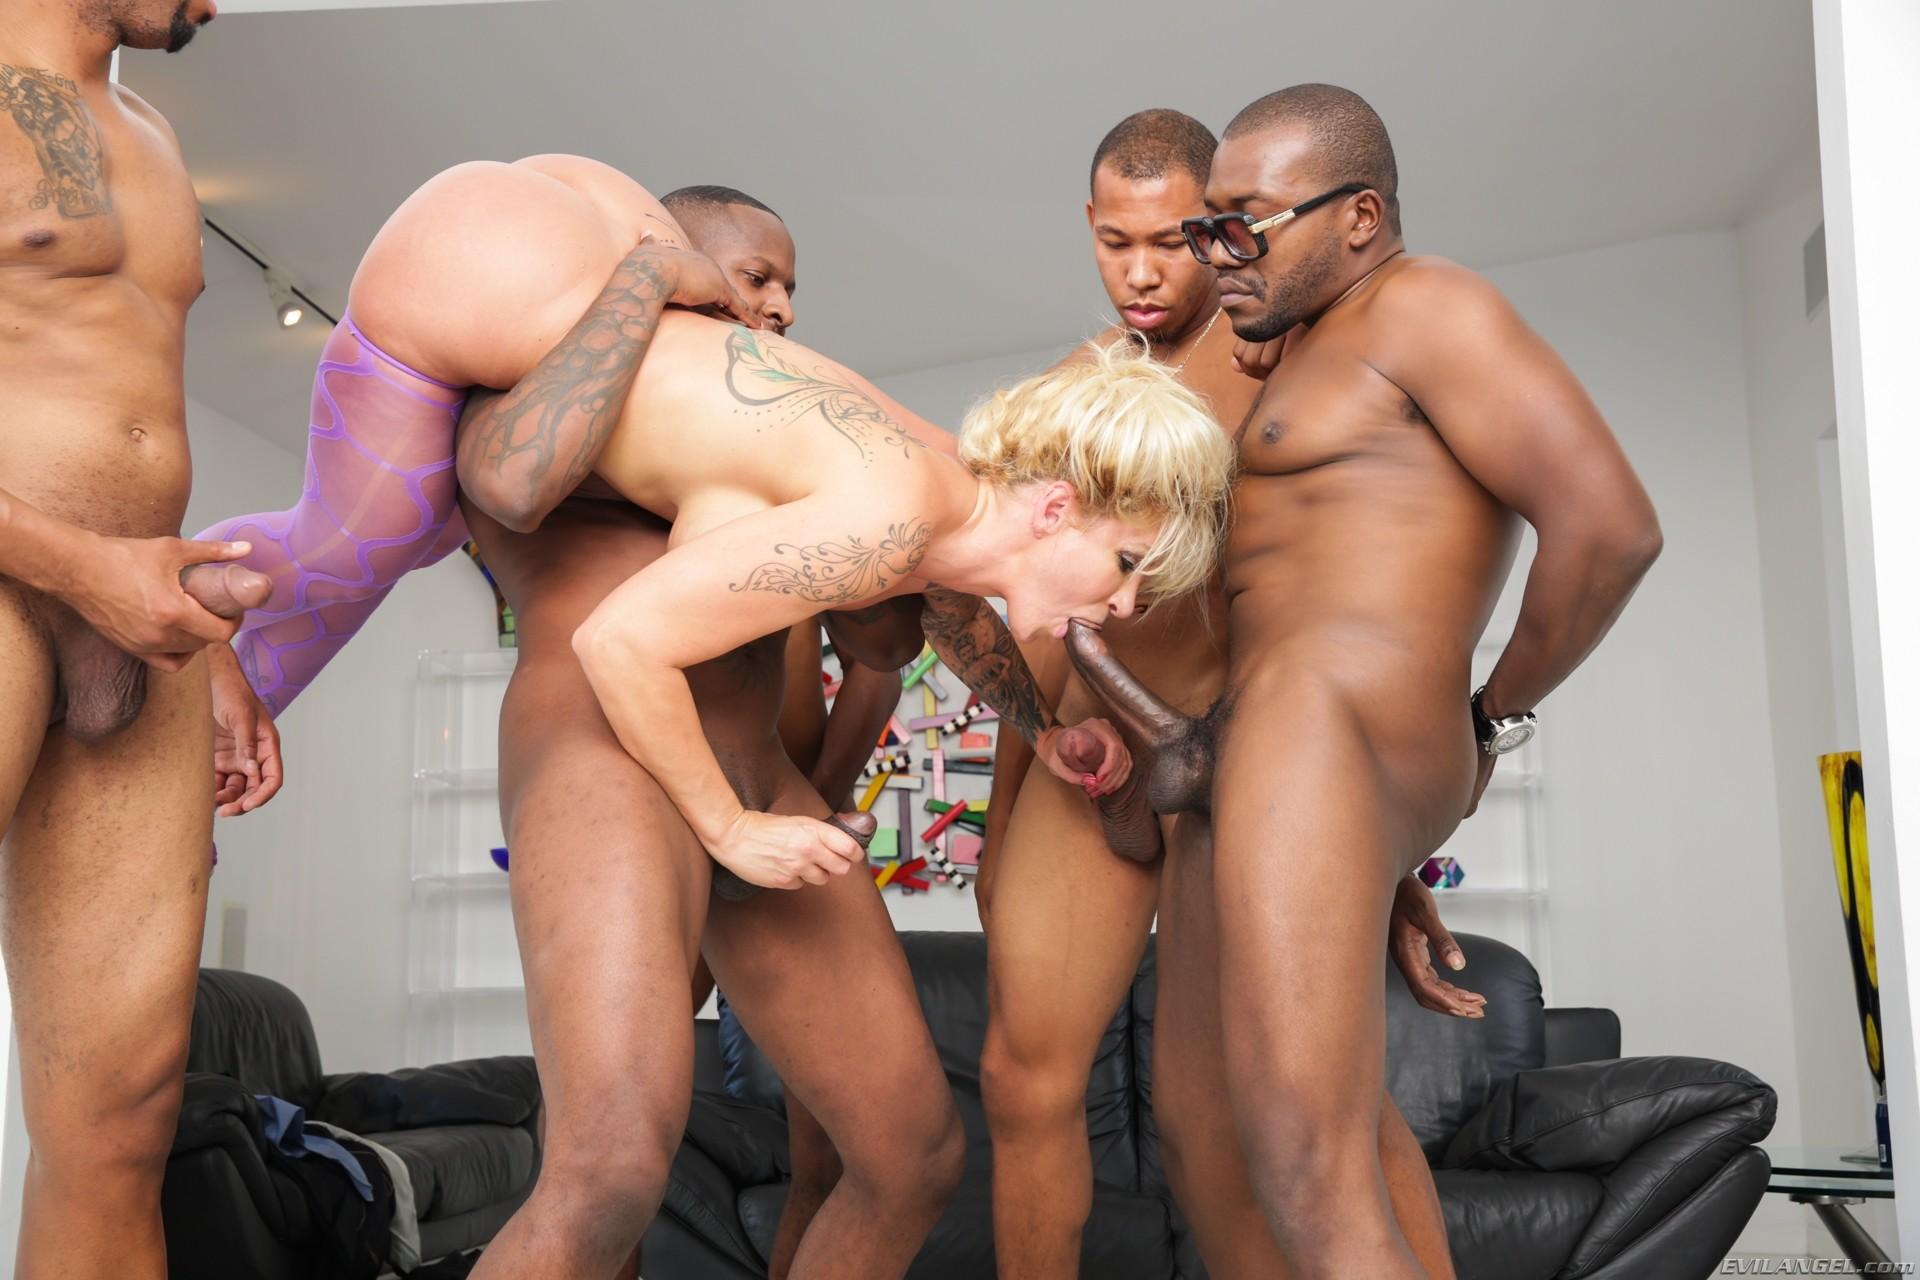 naked-guys-gang-bang-booty-porn-naked-grannies-kai